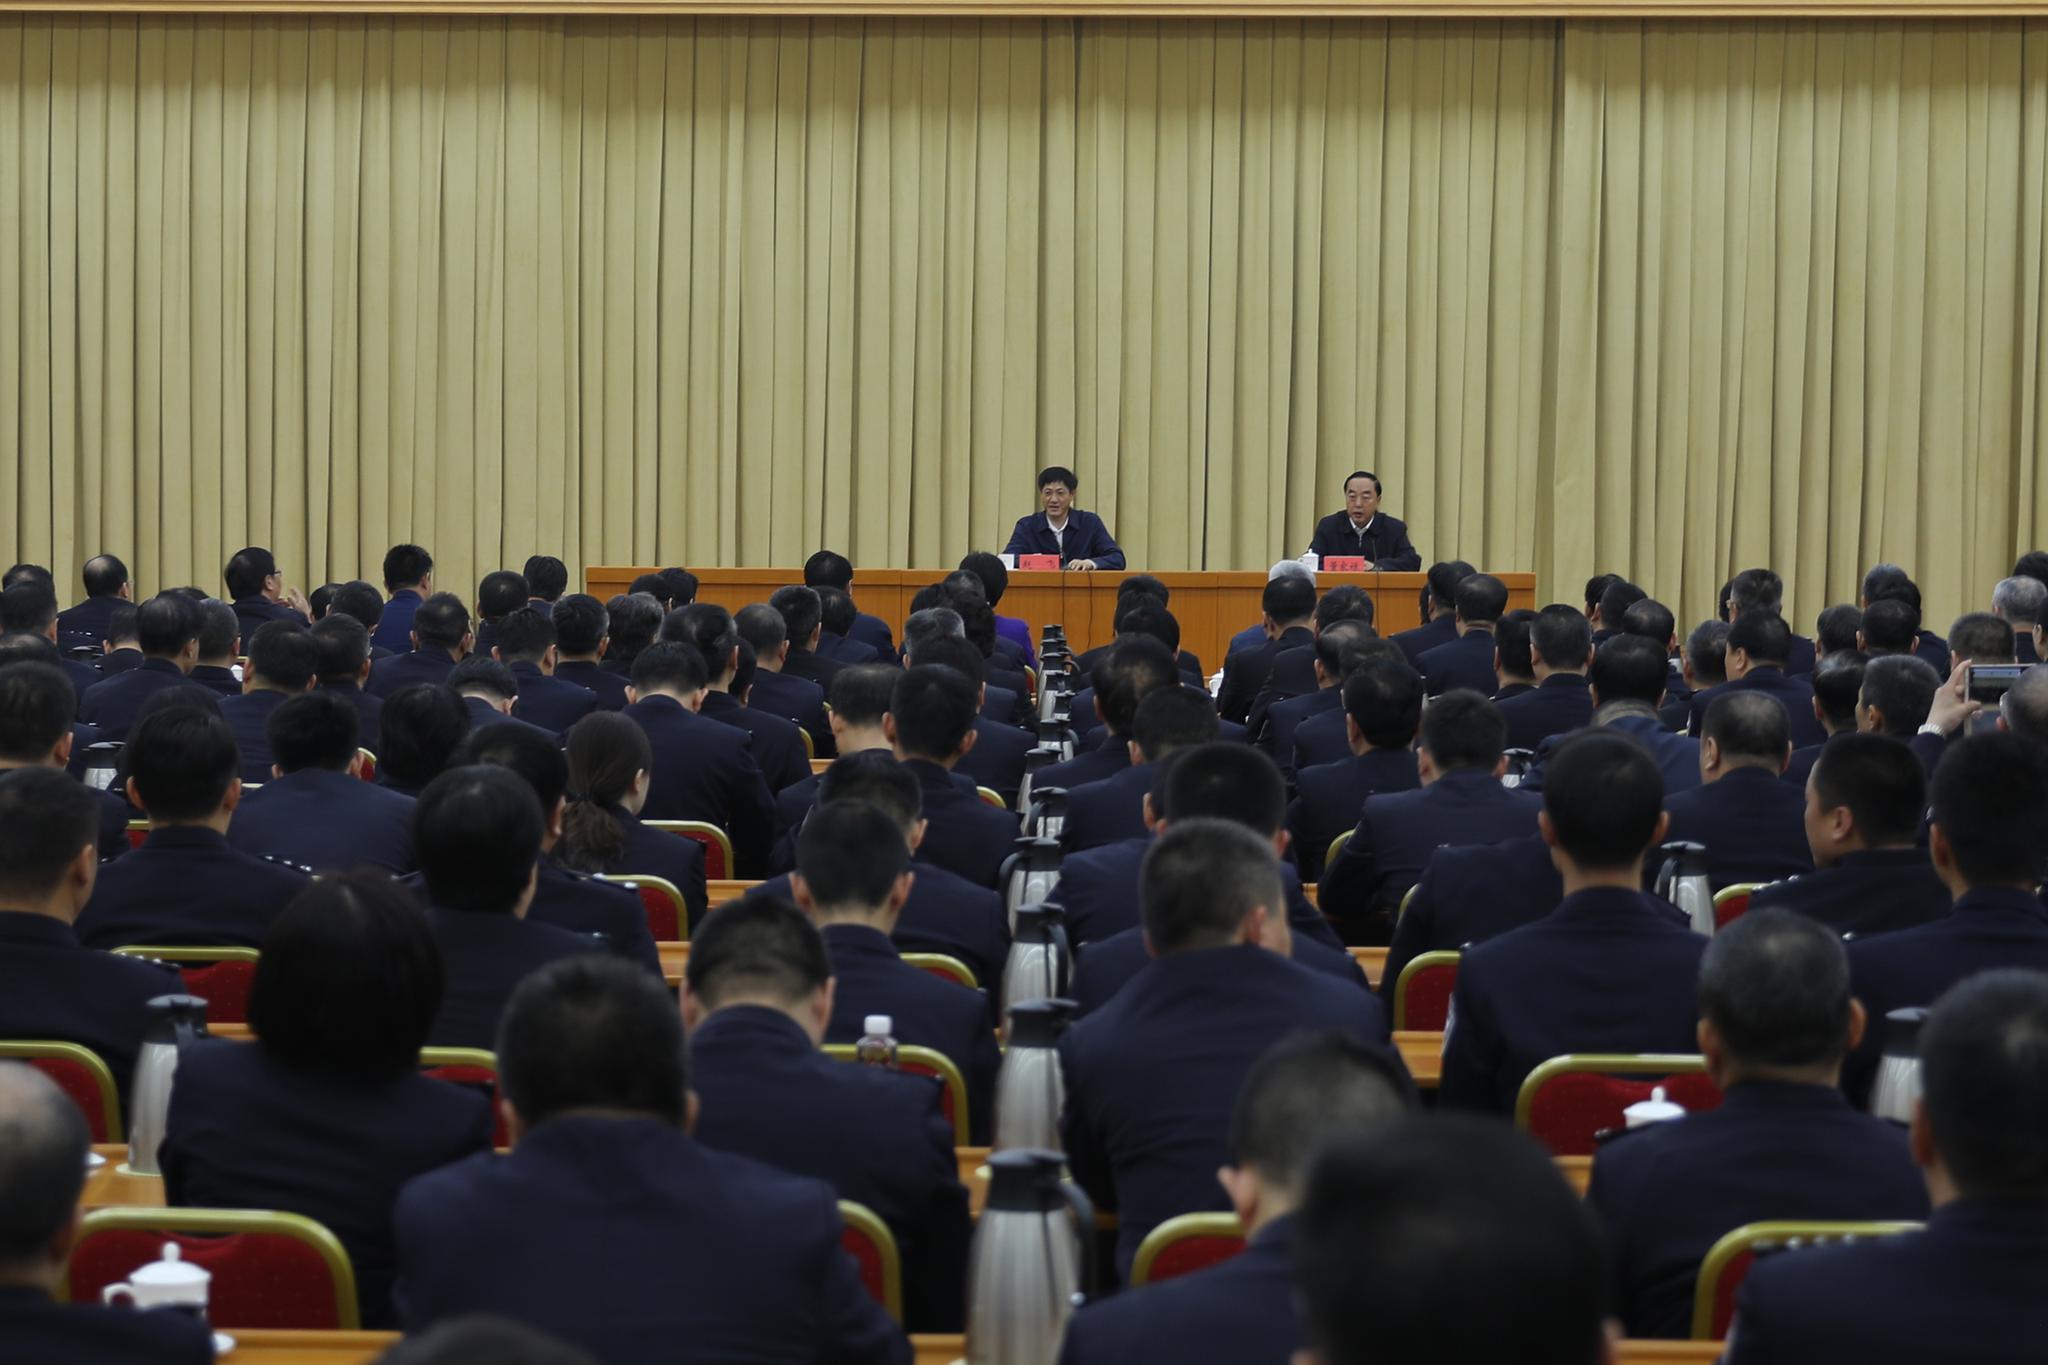 赵飞同志在政法系统宣讲党的十九届四中全会精神